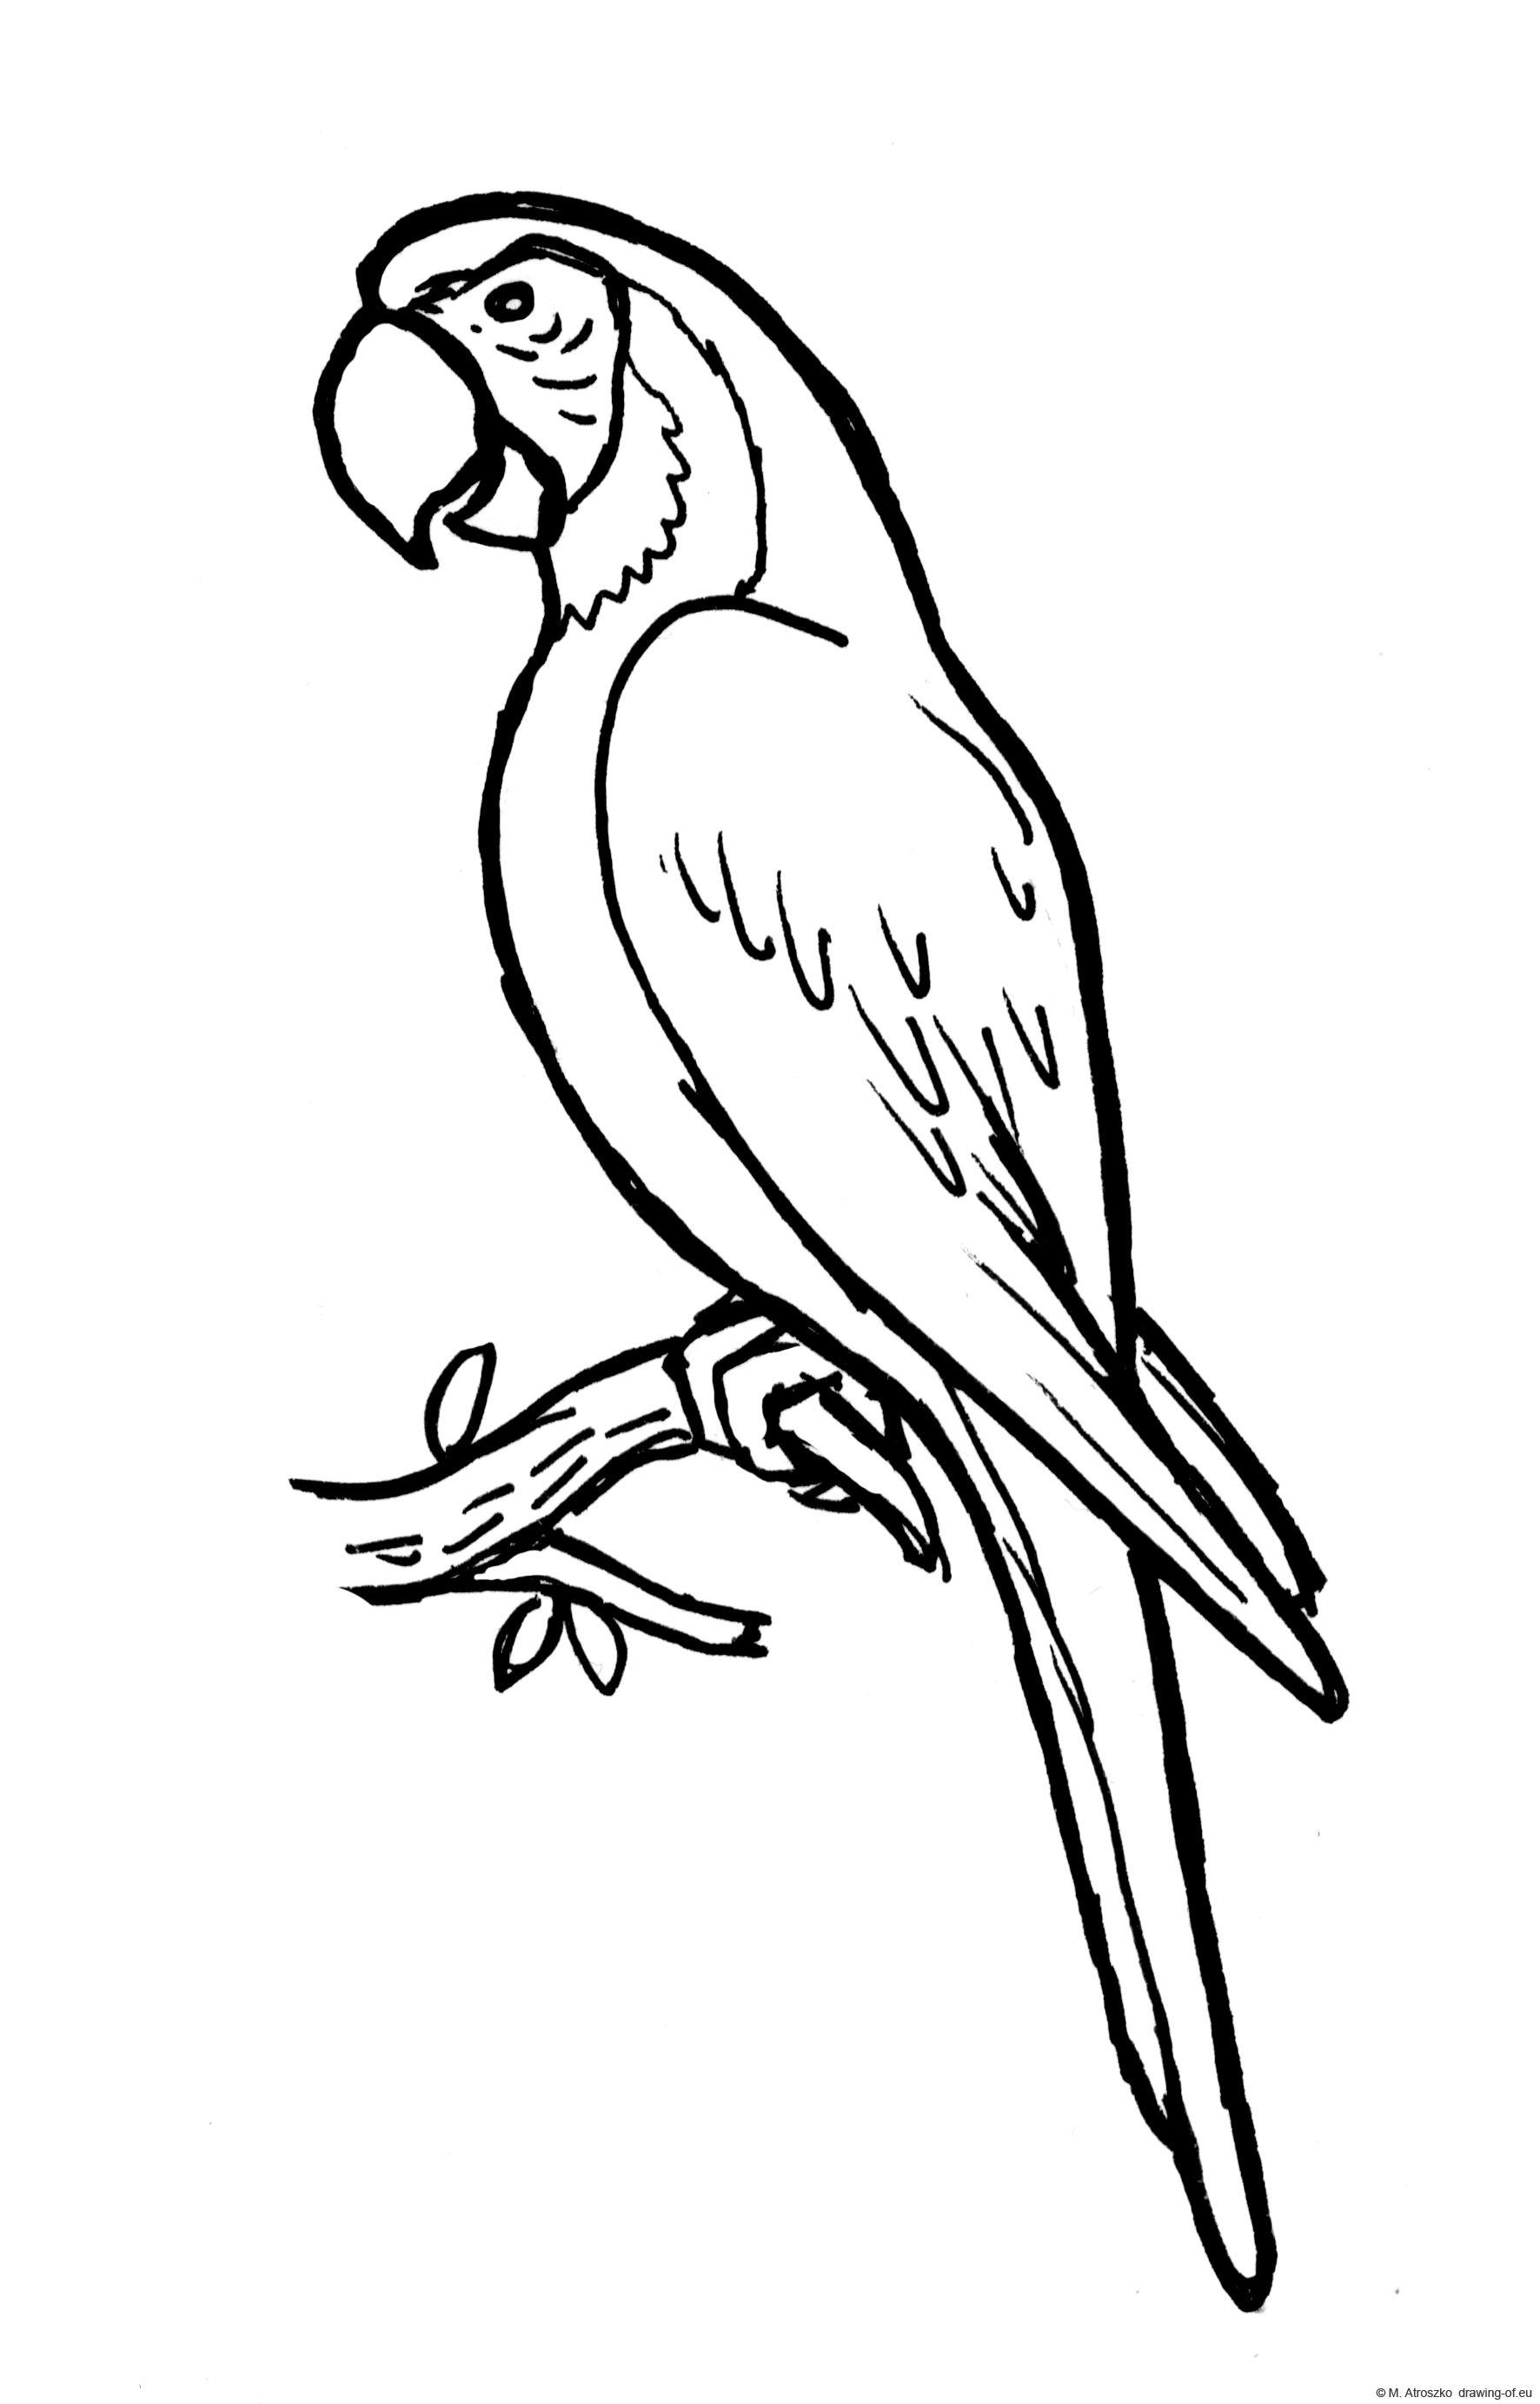 Drawing of ara ararauna parrot